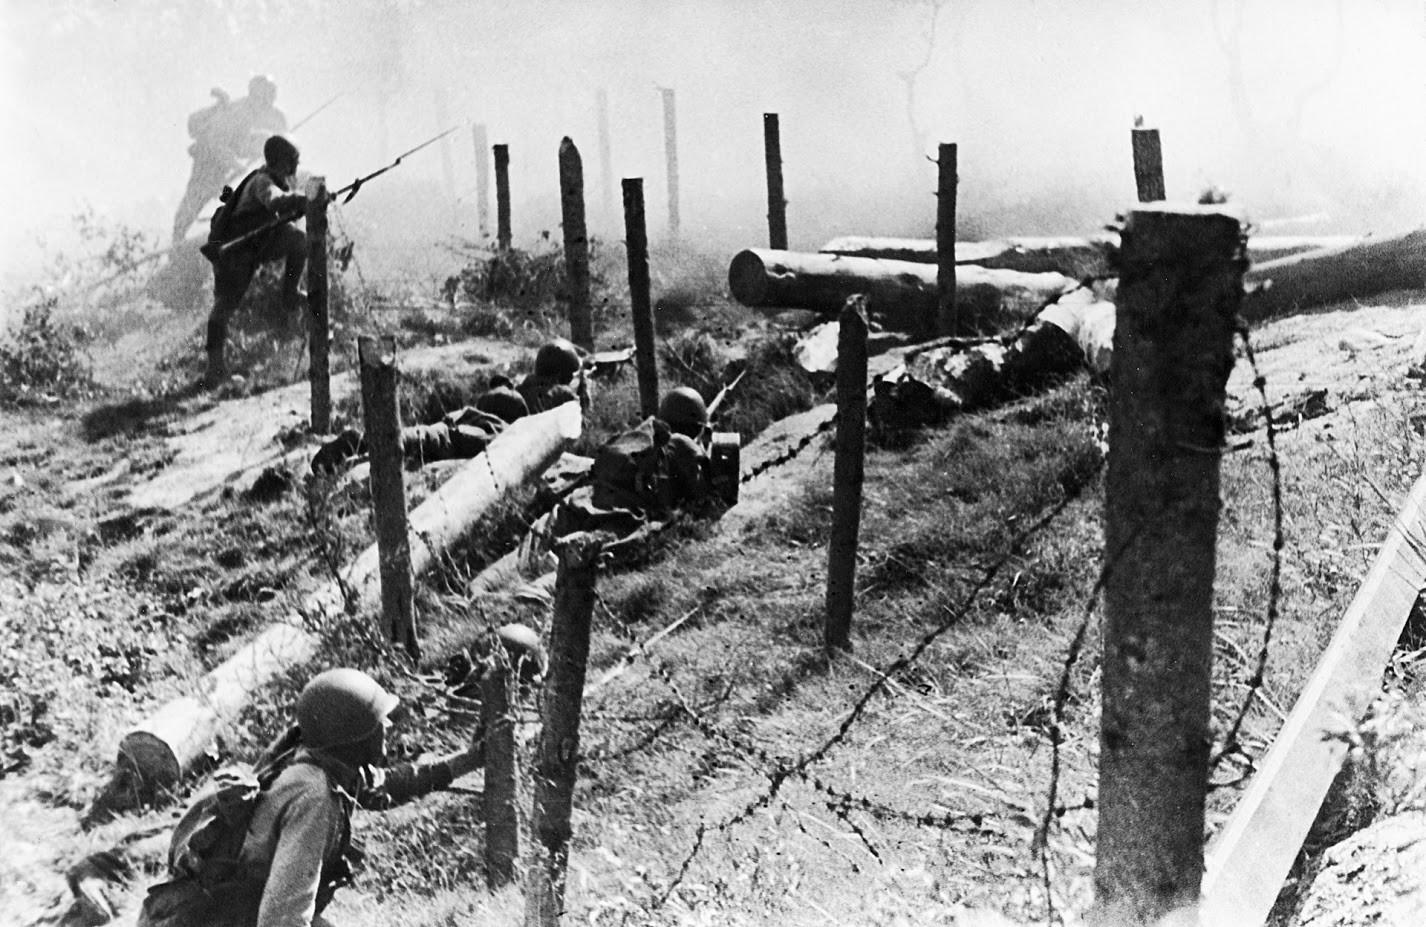 Sovjetska zveza napada finsko utrdbo v gozdu